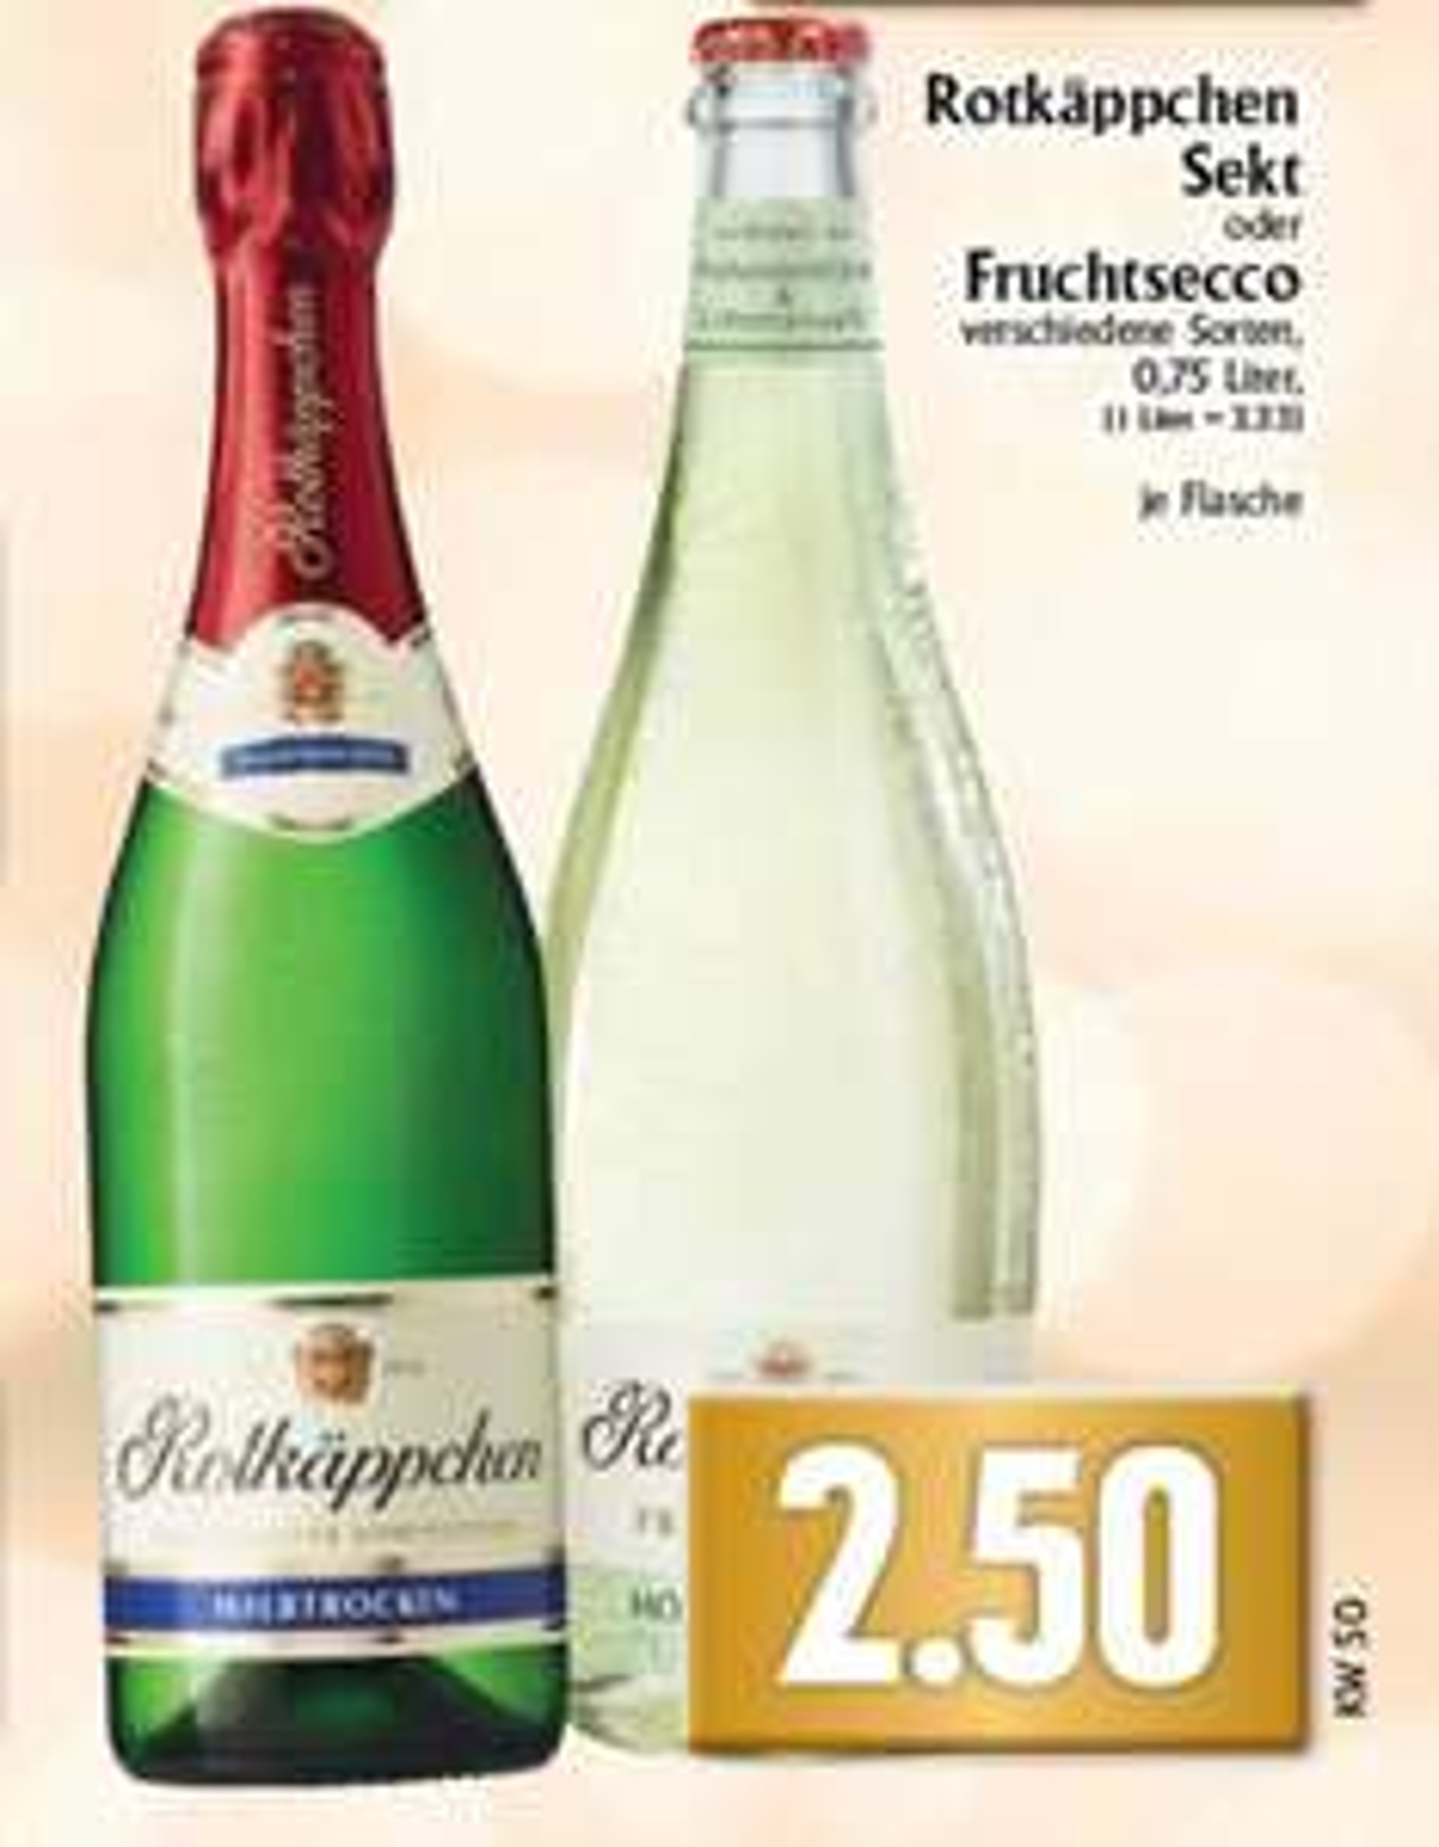 [Lokal Edeka Hessenring & Rhein/Ruhr] Rotkäppchen Sekt verschiedene Sorten für 2,50€/2,49€ pro 0,75l Flasche (ab heute bis Sa. 17.12.)